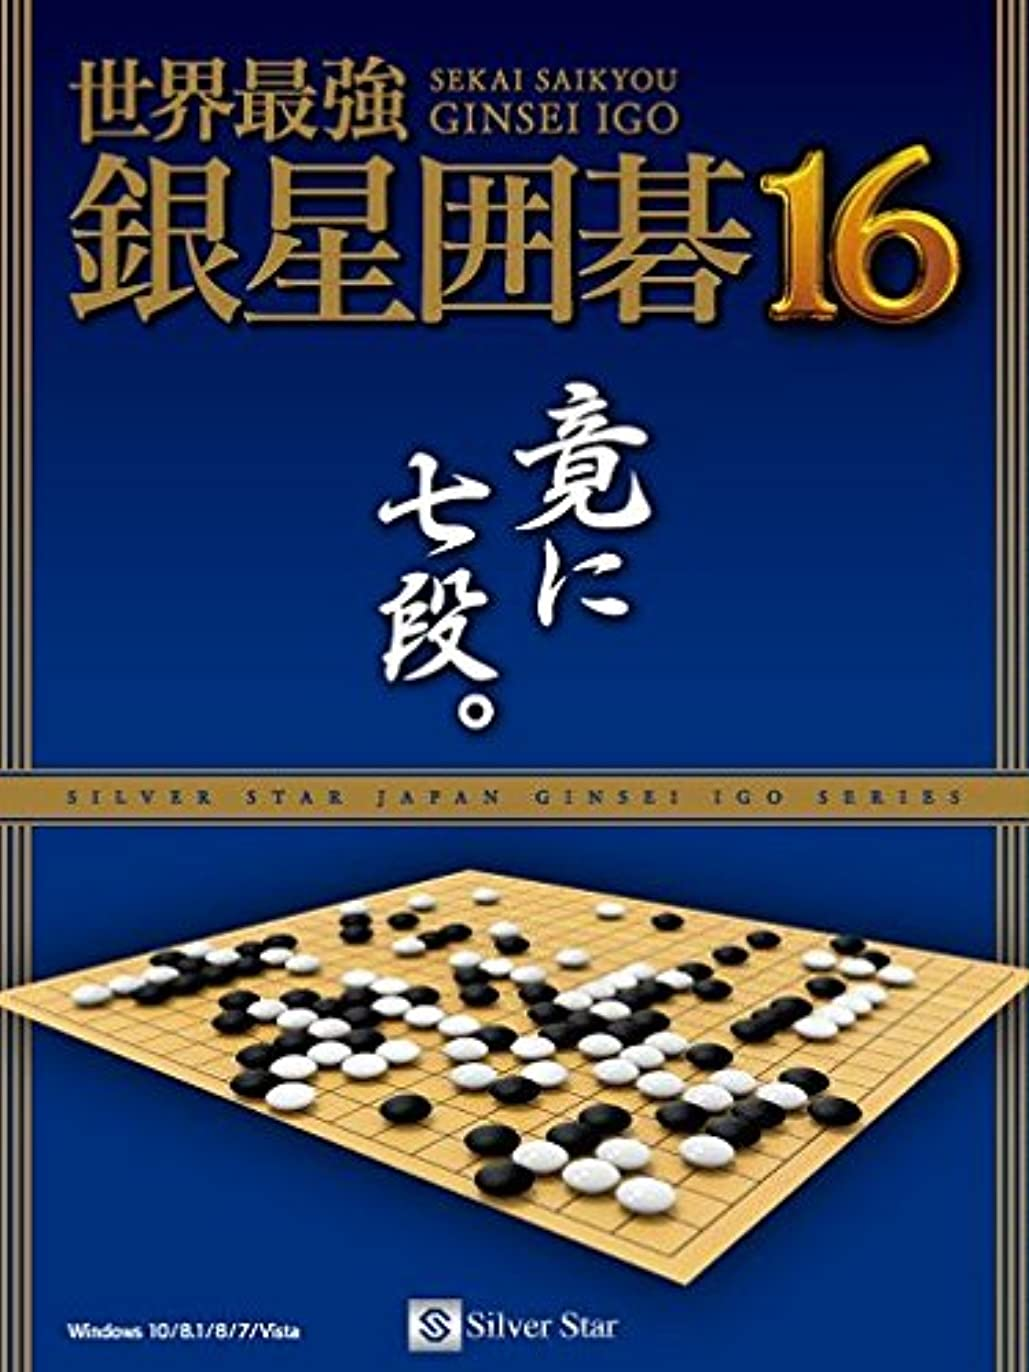 ただやるシュリンクオズワルド世界最強銀星囲碁16